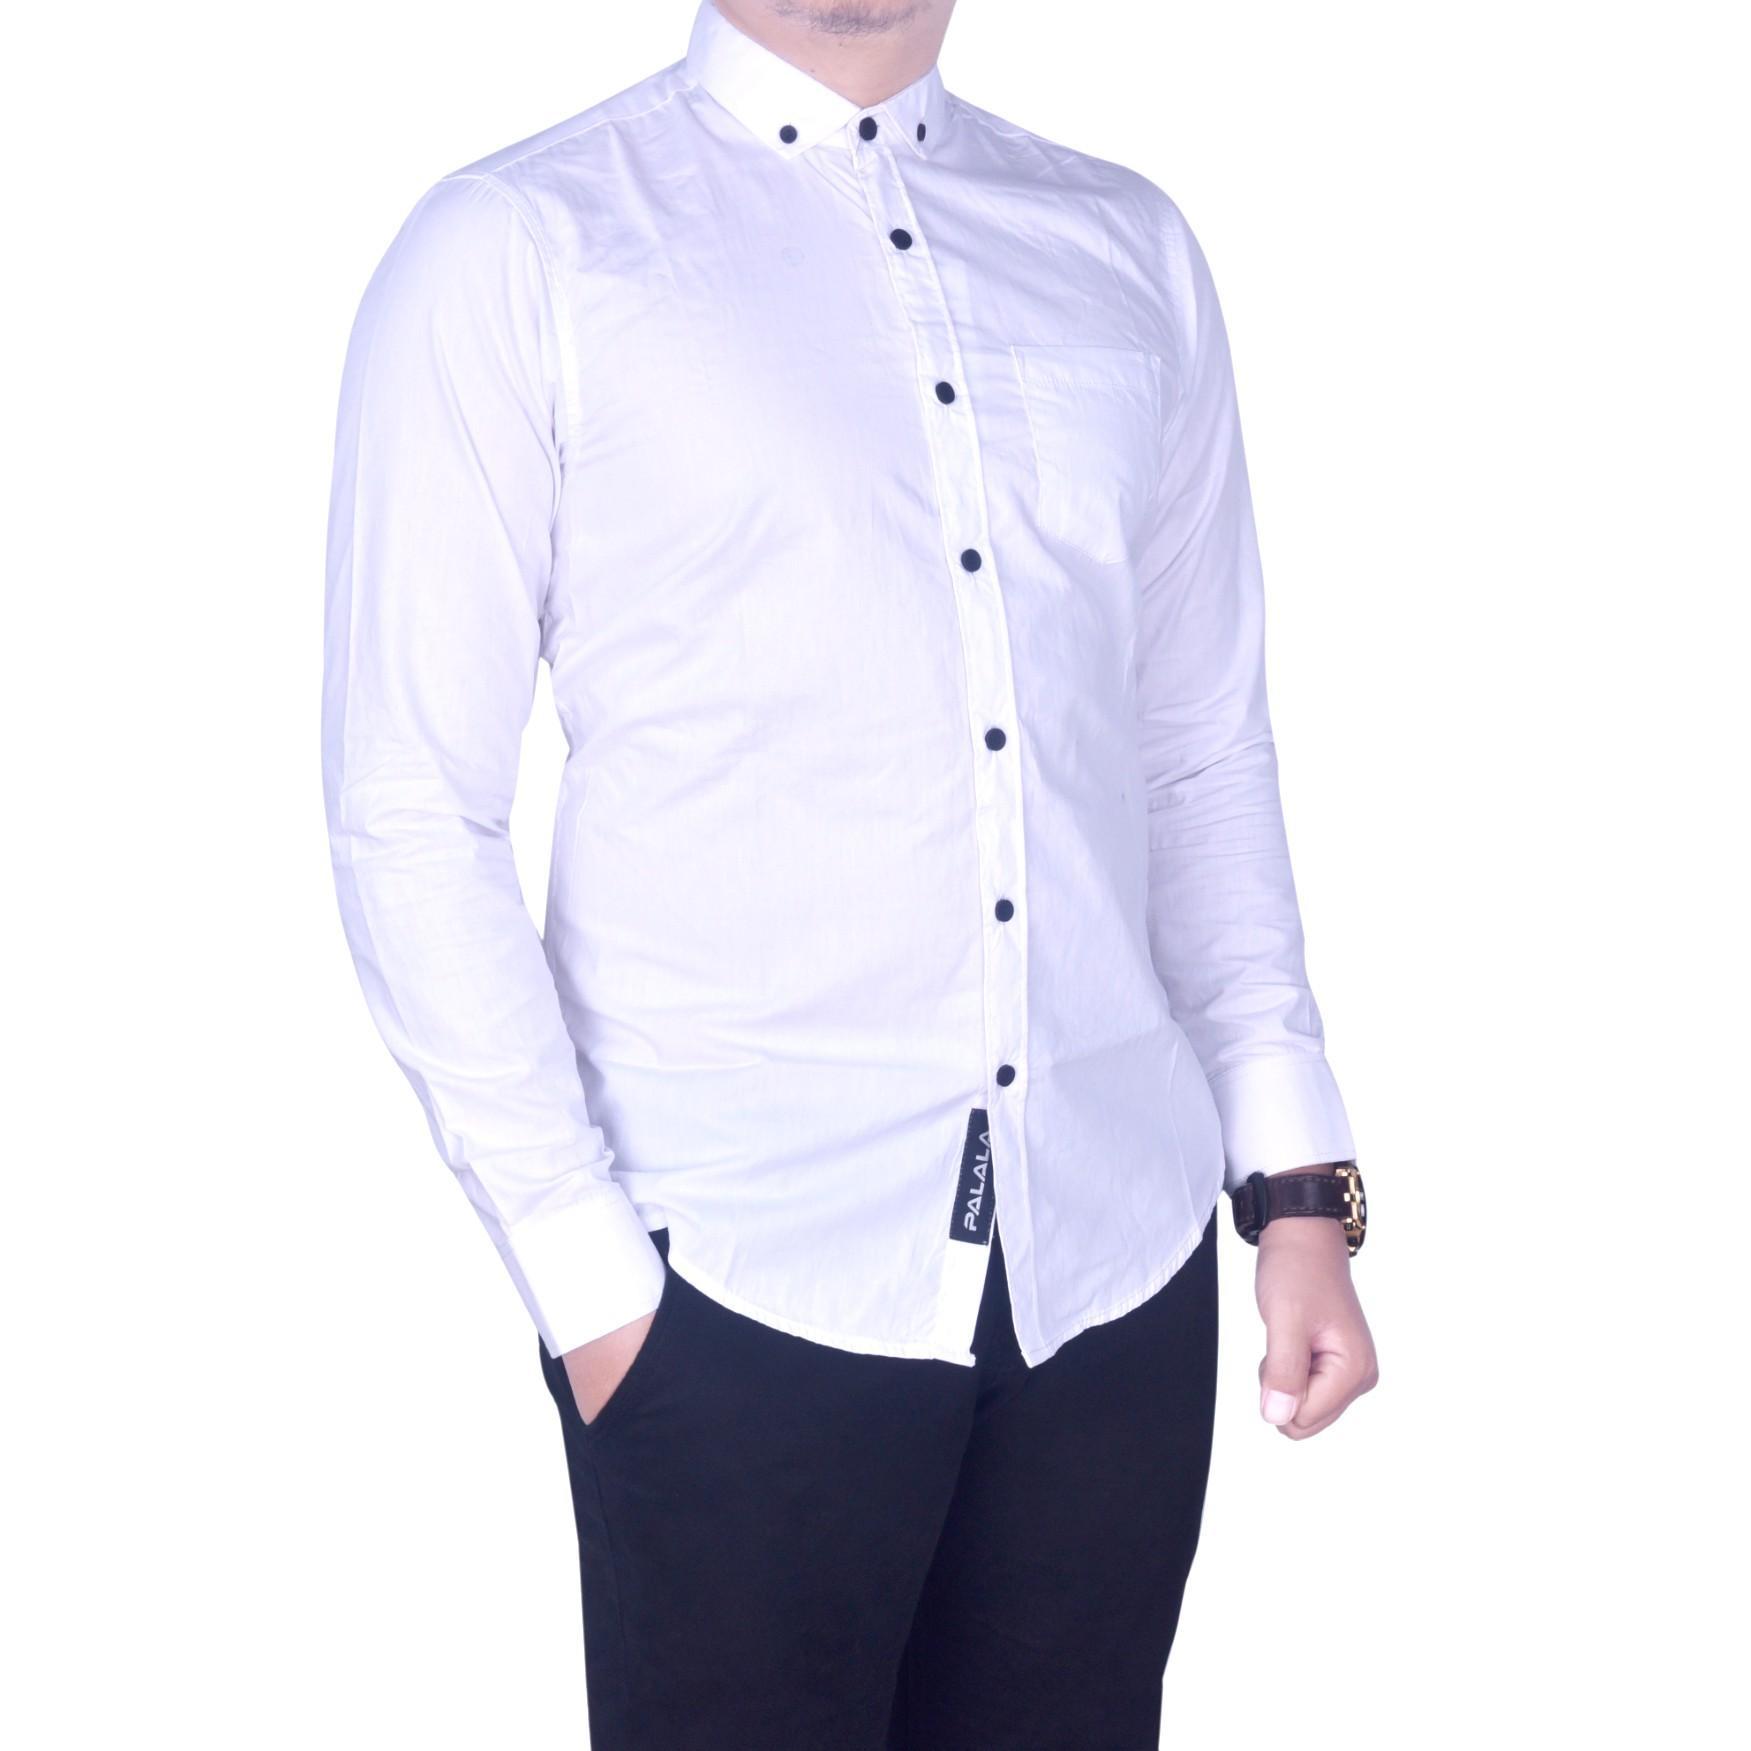 BSG_Fashion1 Kemeja Pria Lengan Panjang Putih Polos /Kemeja Batik Songket/Kemeja Songket/Kemeja Formal/Kemeja Flanel/Kemeja Pantai/Kemeja Casual/Kemeja Polos/Kemeja Tartan/Kemeja Pantai/Kemeja Distro/Kemeja Batik/Kemeja Man PS 4748 Putih - 5